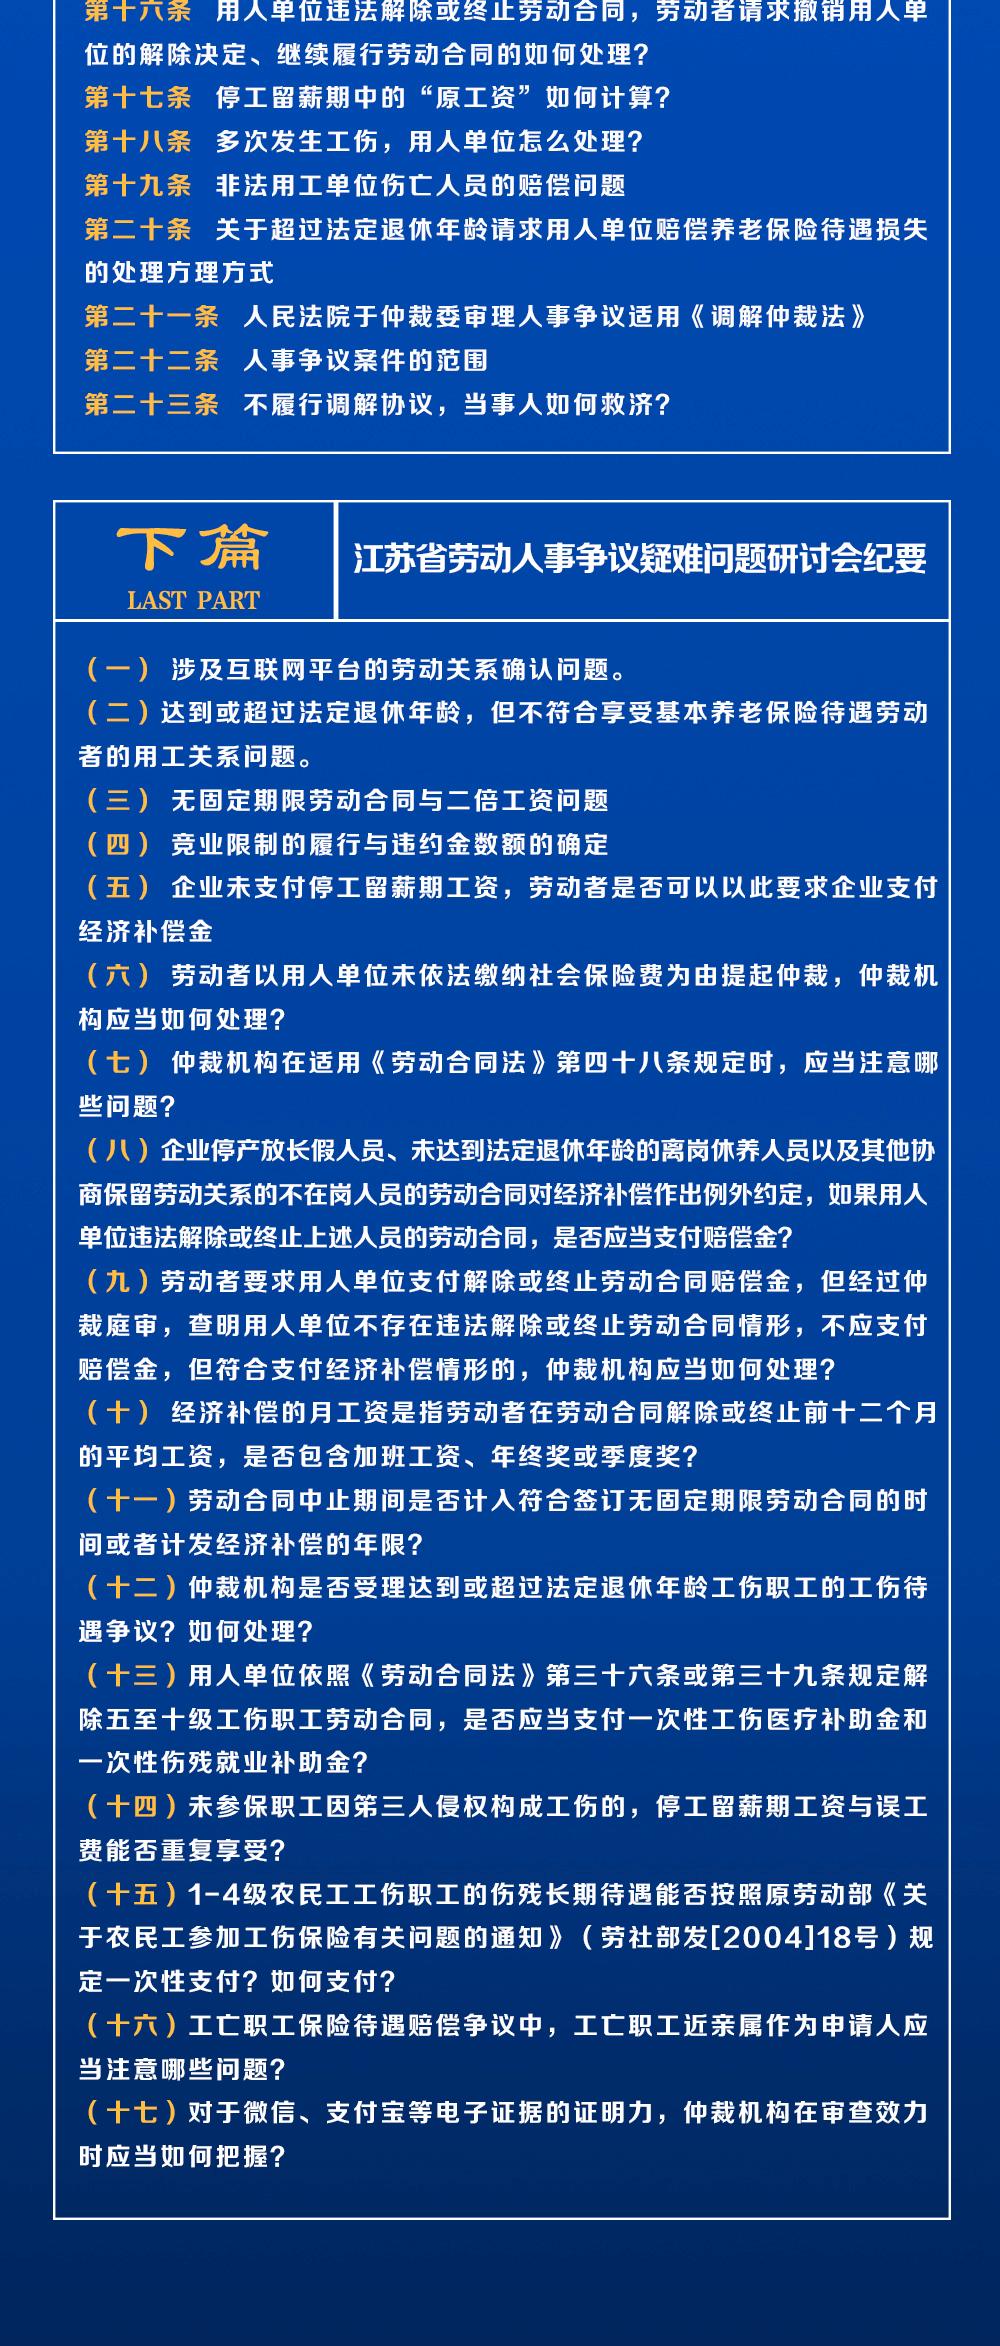 长图01_0000_图层-2.png